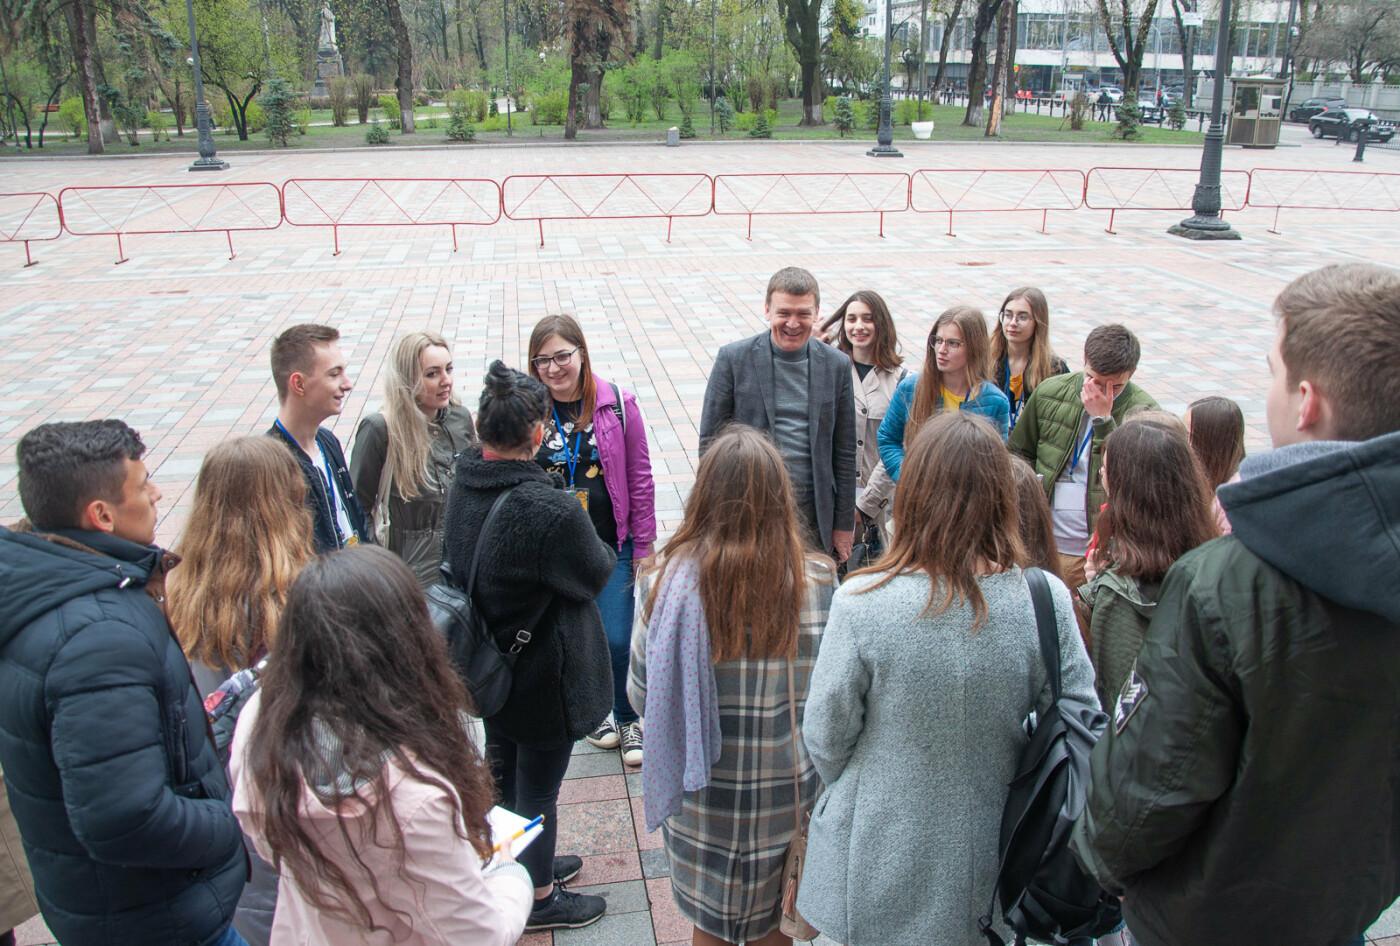 Подорож до парламенту: 20 закарпатських школярів виграли поїздку на освітню екскурсію до Верховної Ради (ВІДЕО), фото-8